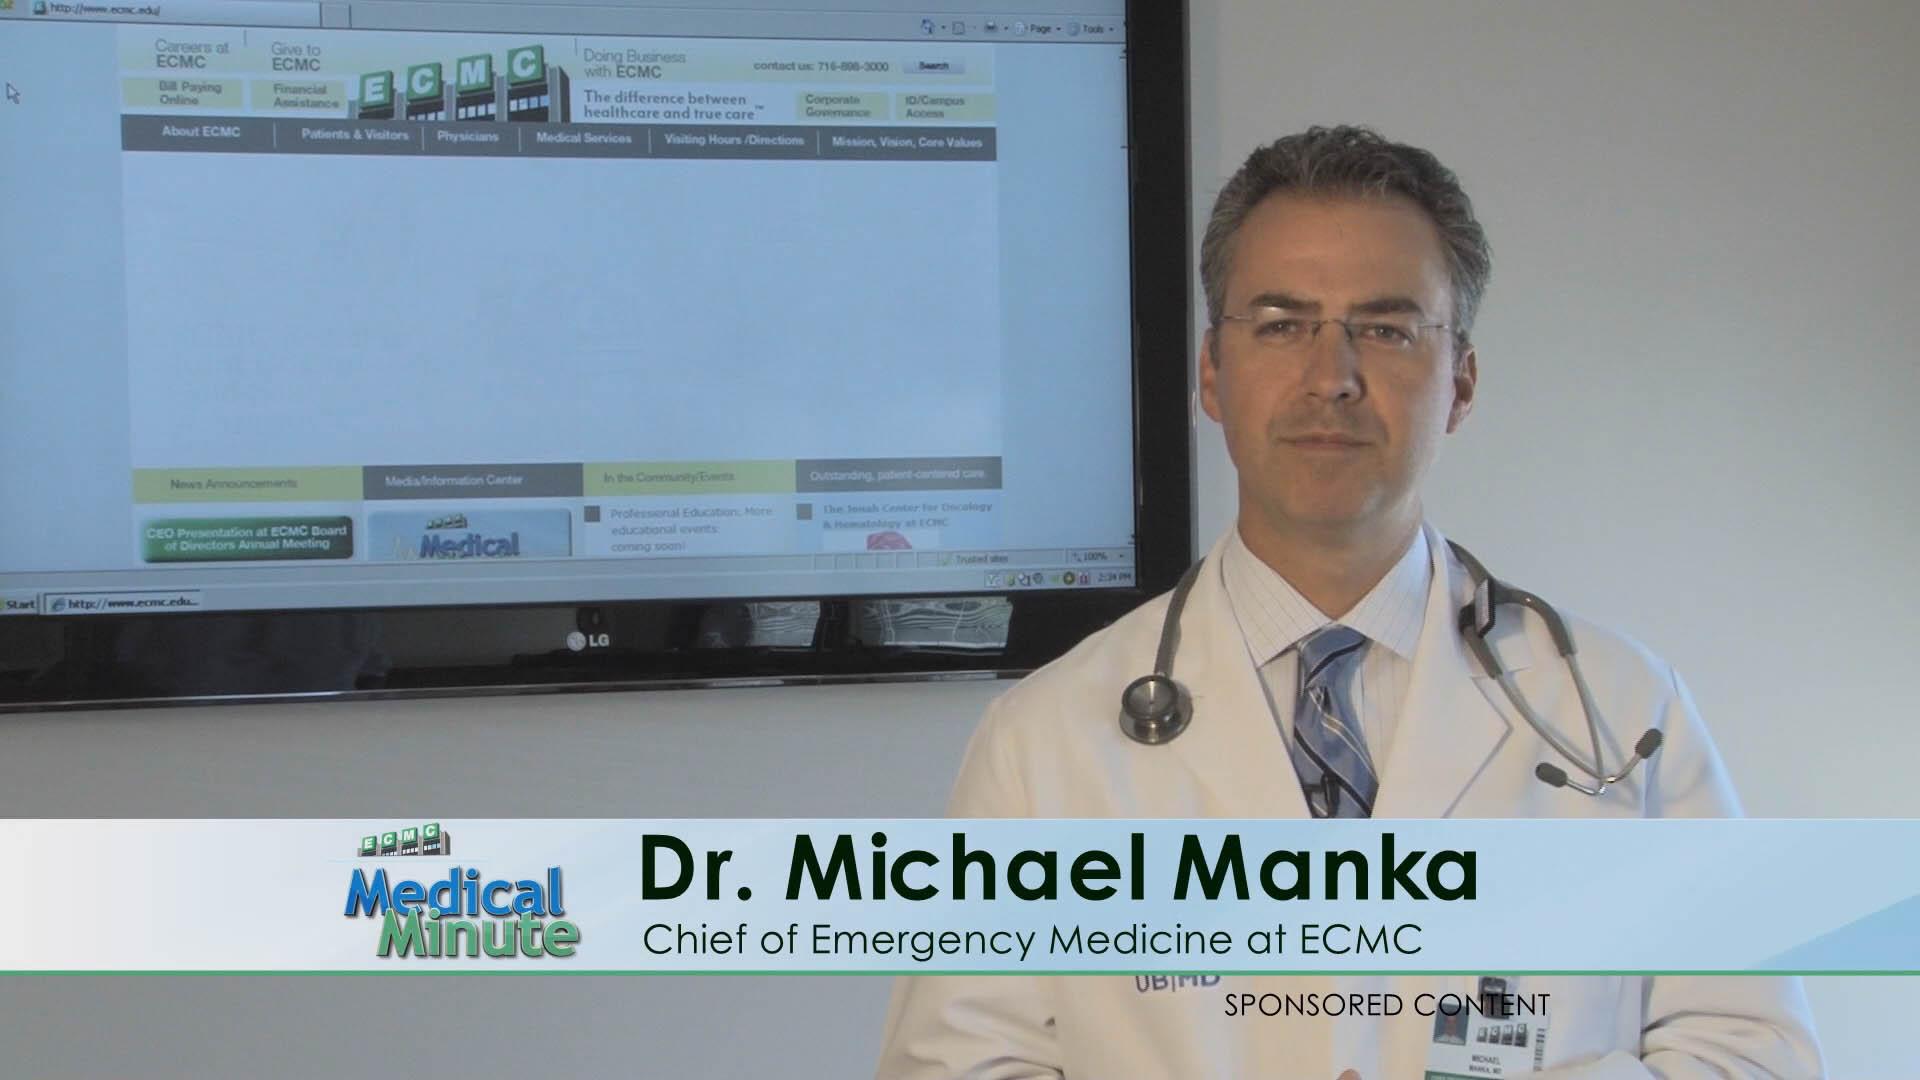 ECMC MedicalMinute Dr.Manka TreatingSunburn 07.11.16 STILL